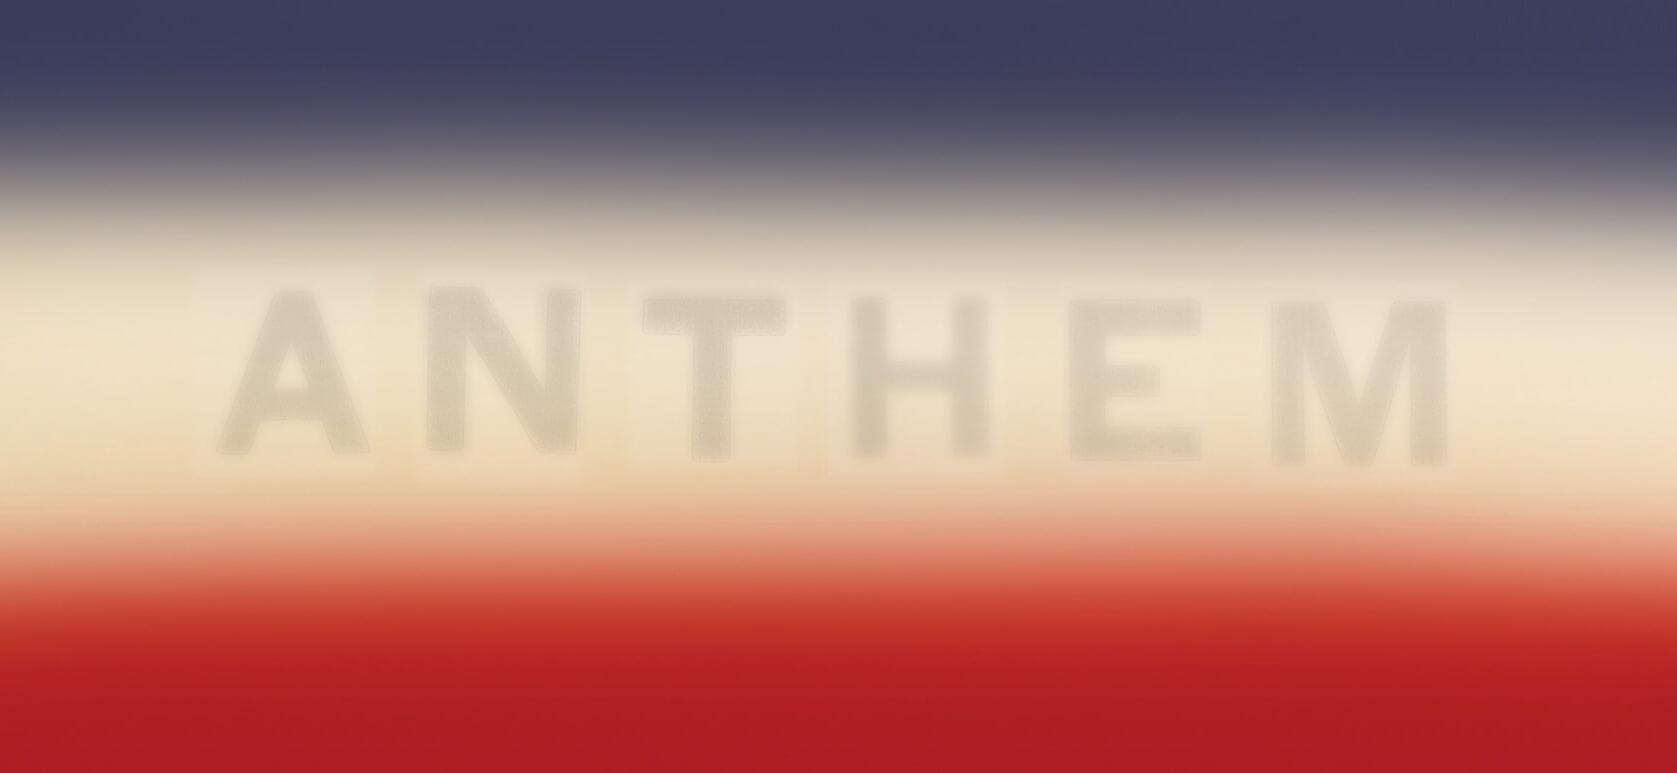 Madeleine Peyroux - The official site of Madeleine Peyroux